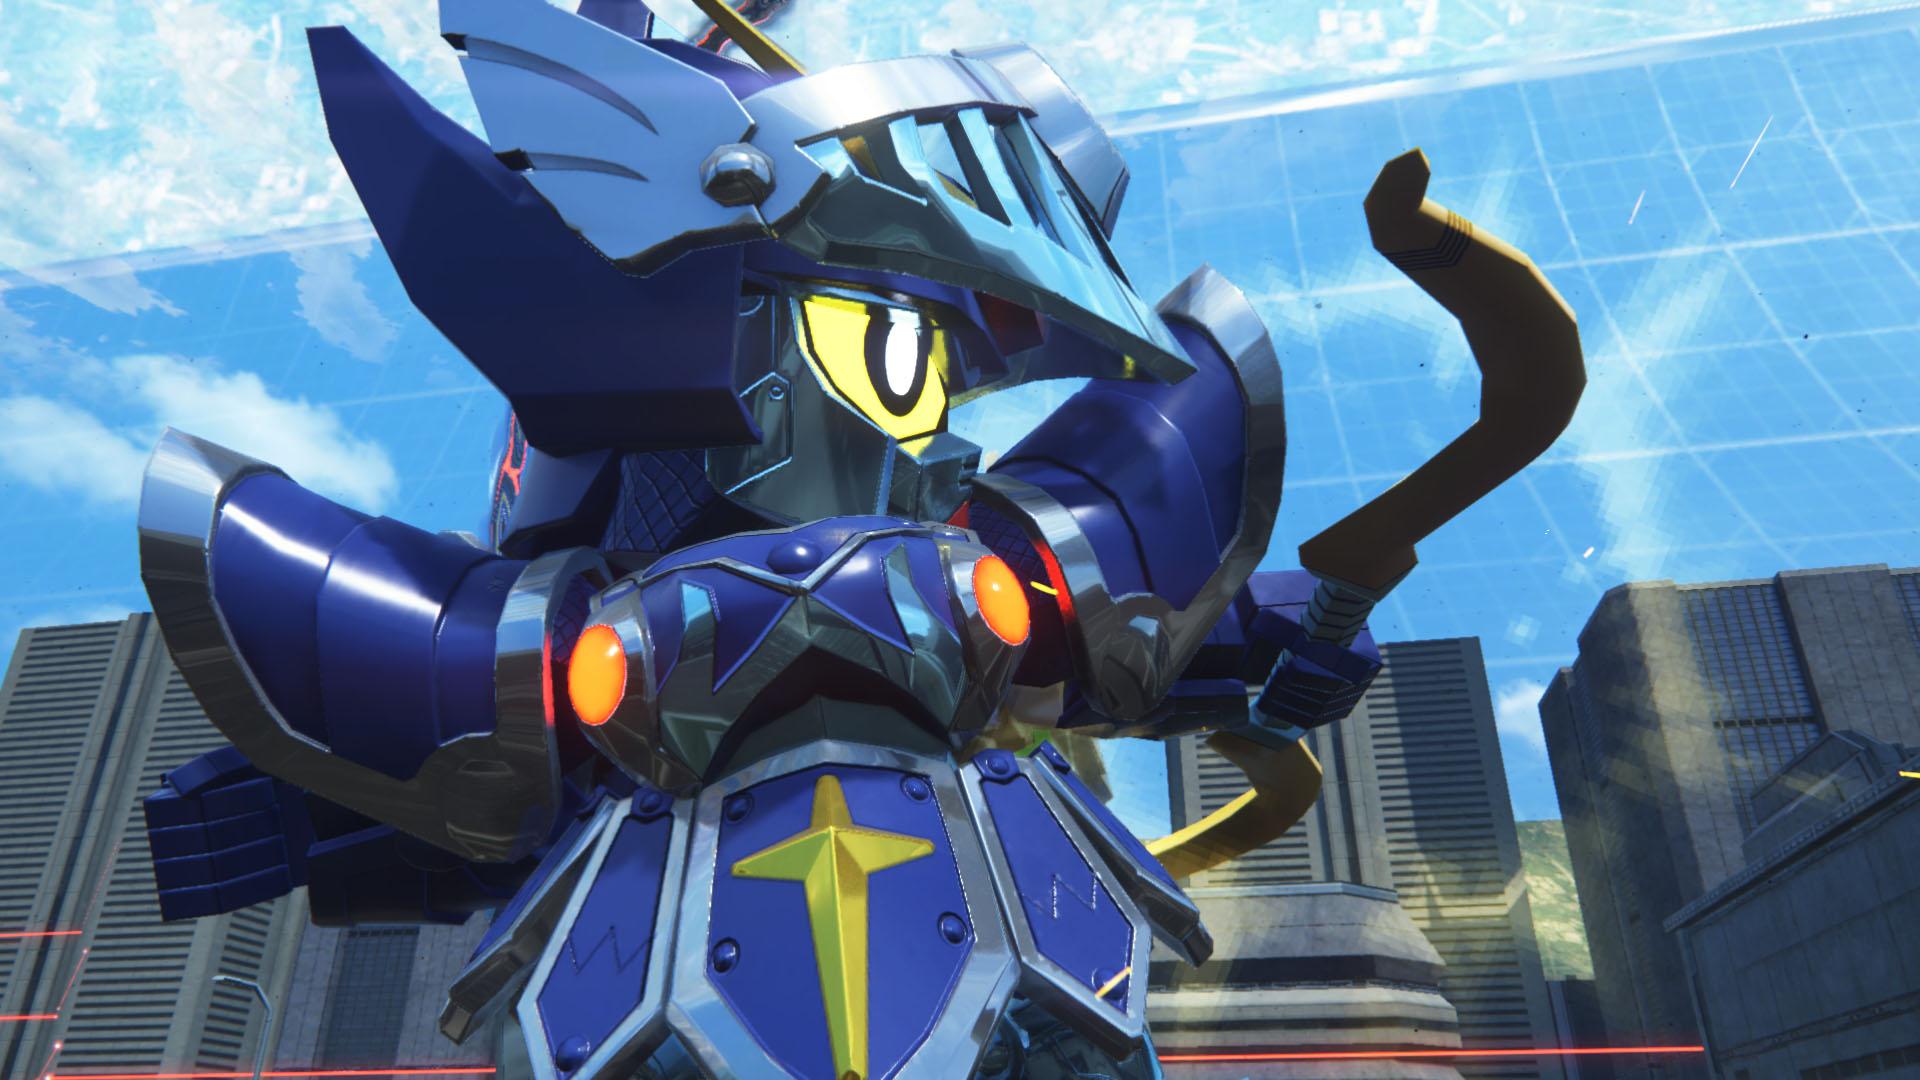 三種の神器を装備した騎士ガンダムの姿。手にした「炎の剣」は敵を焼き払い、「光の弓矢」は悪を穿つ